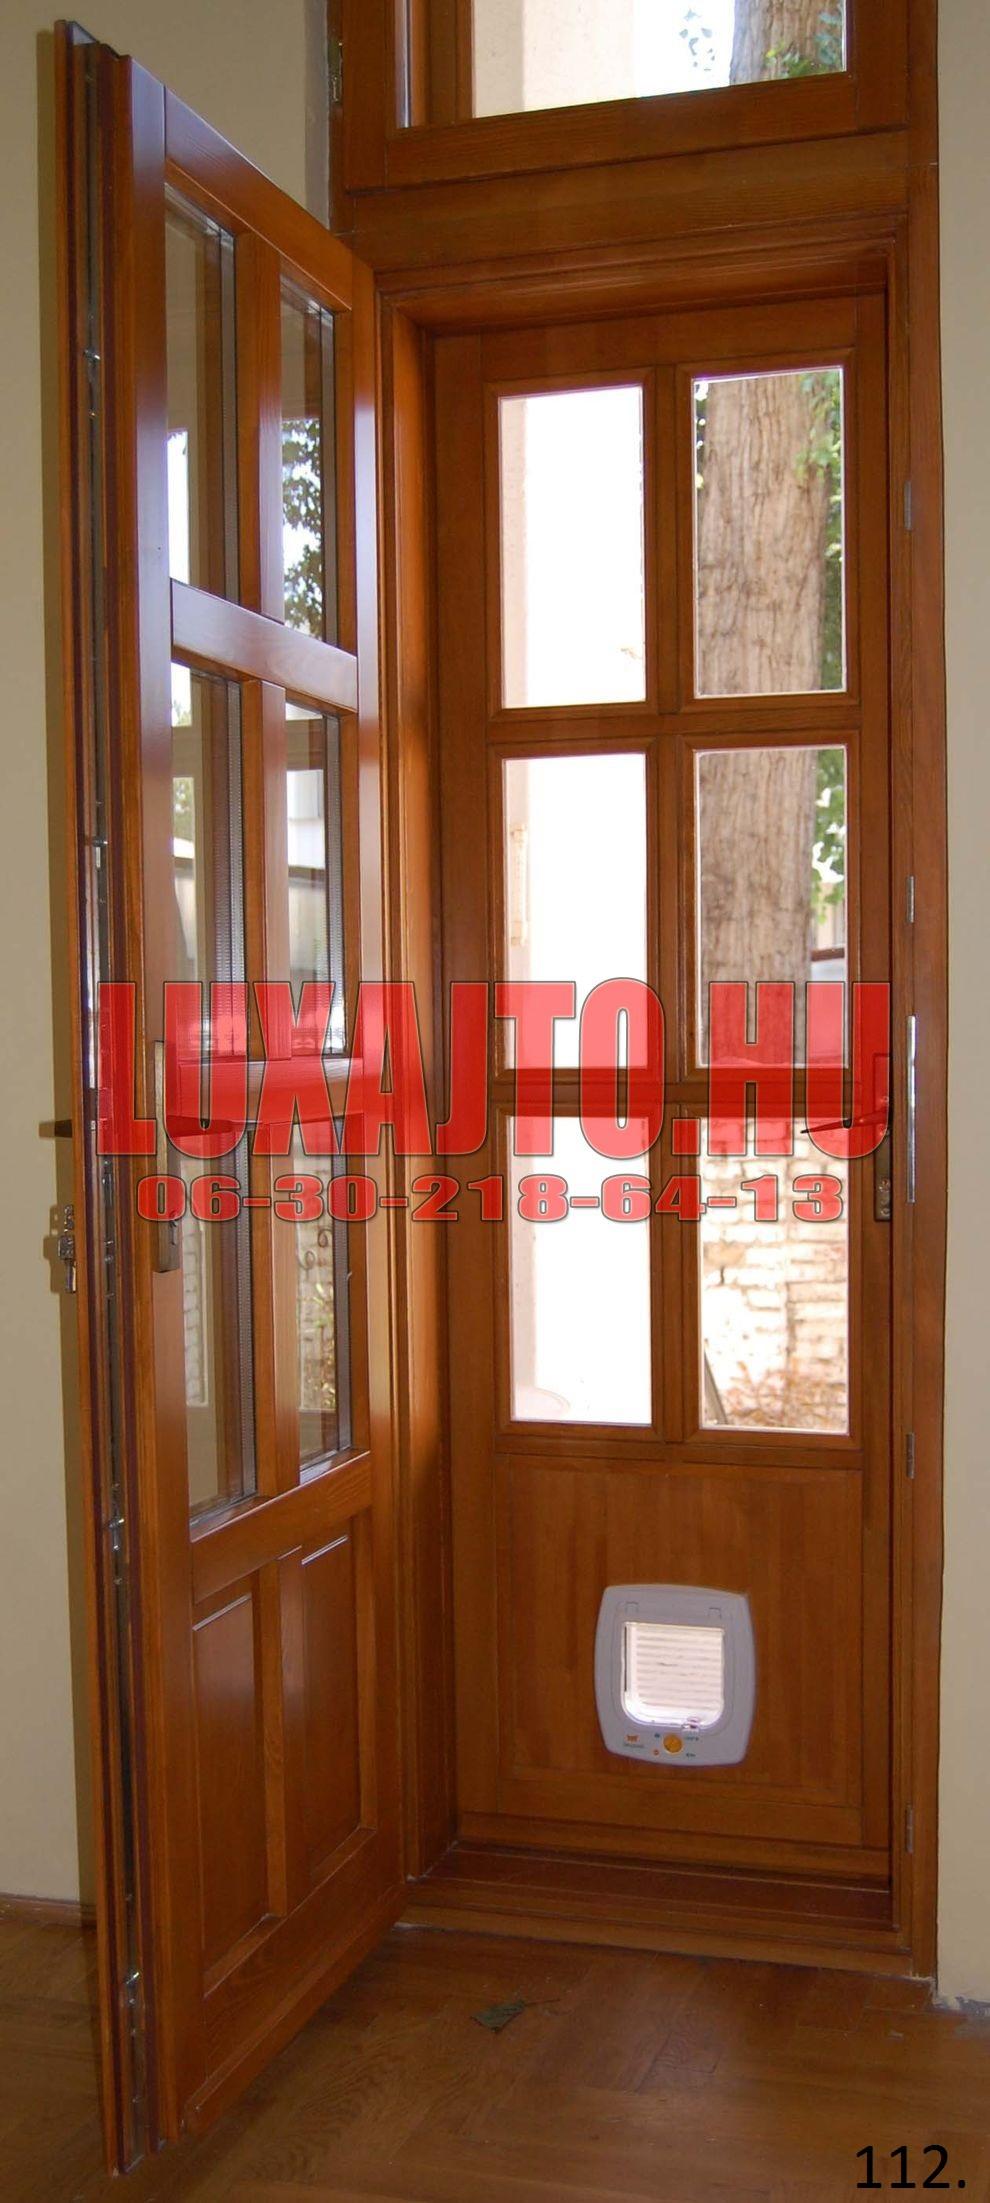 Dupla ajtós bejárati ajtó